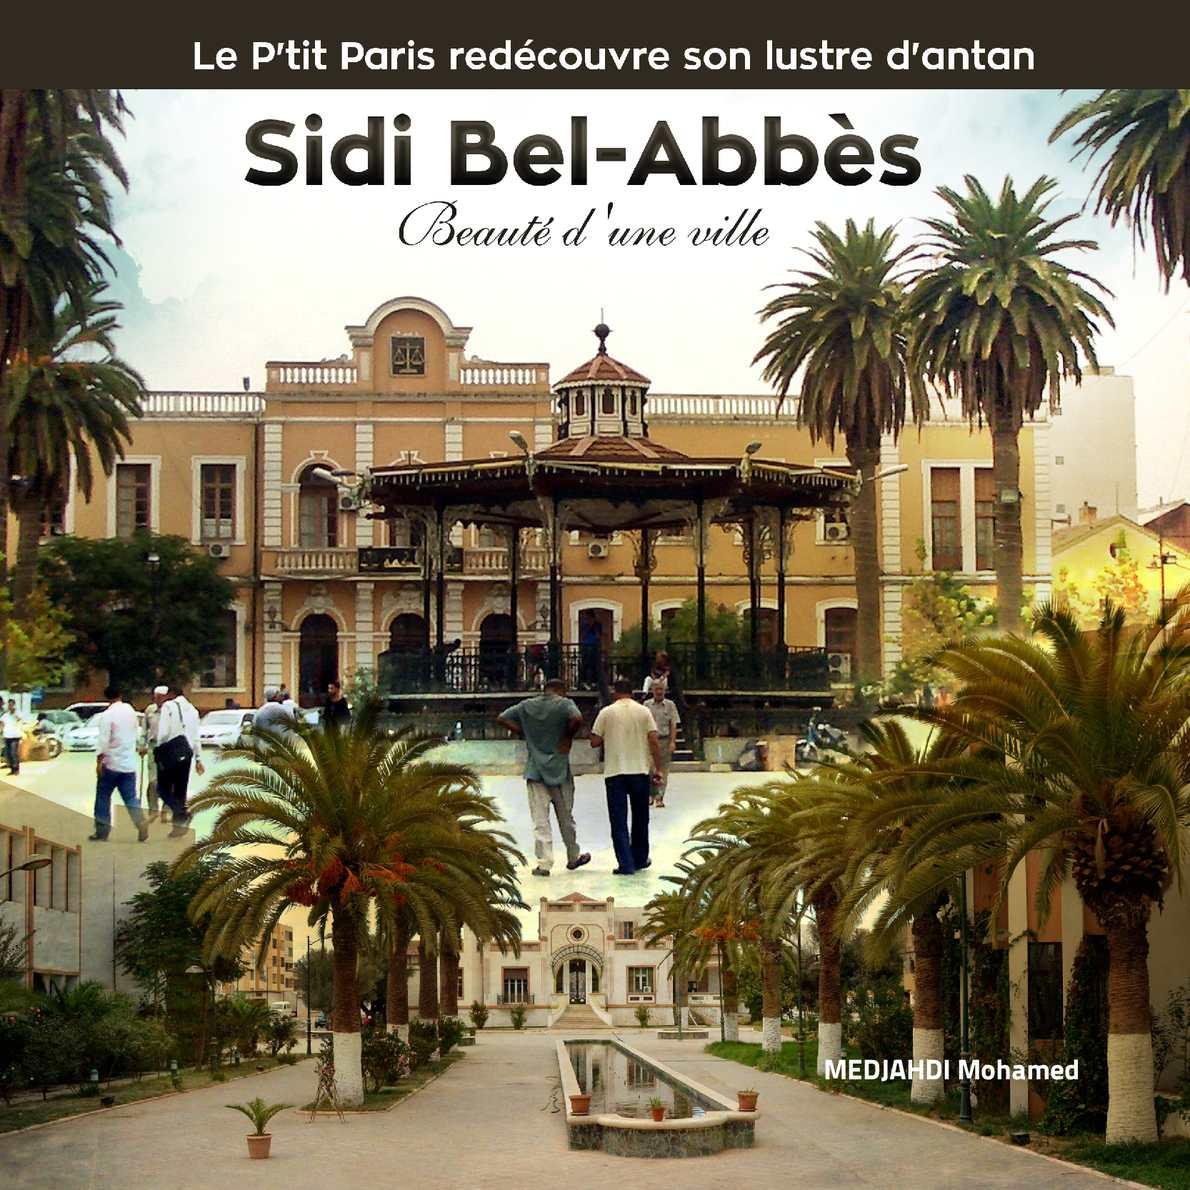 Sidi bel abbes - 1 4